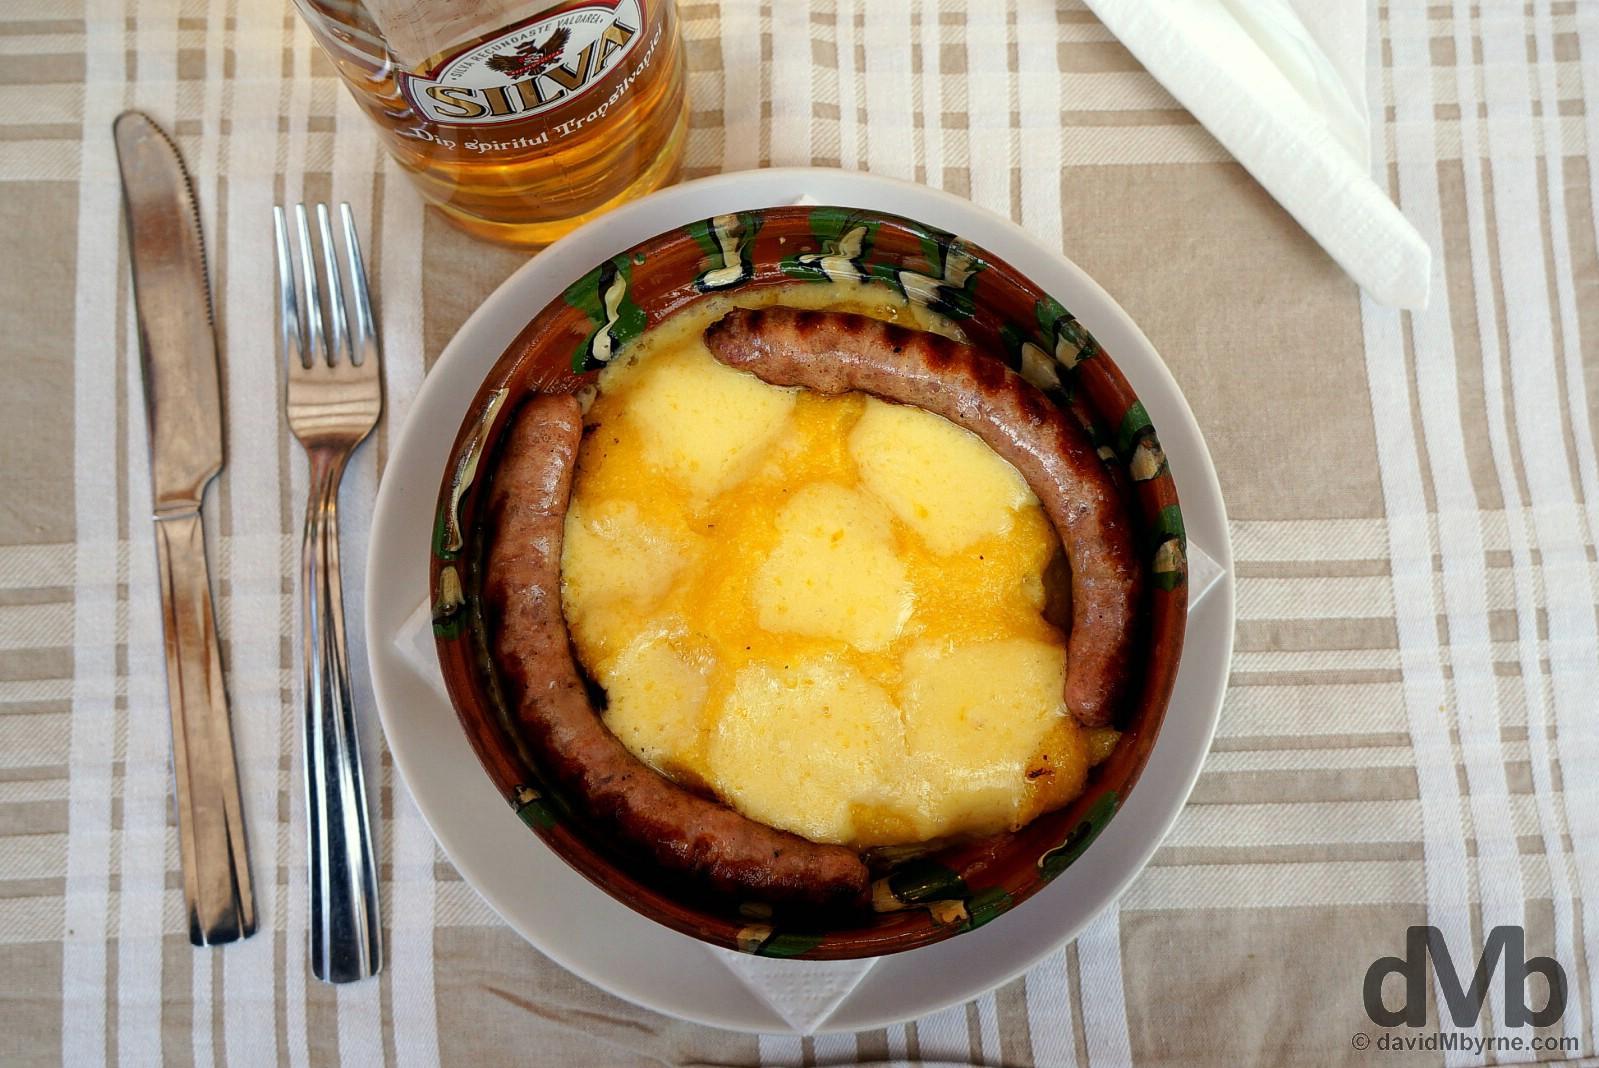 Traditional Romanian food in Bran, Romania. April 2, 2015.